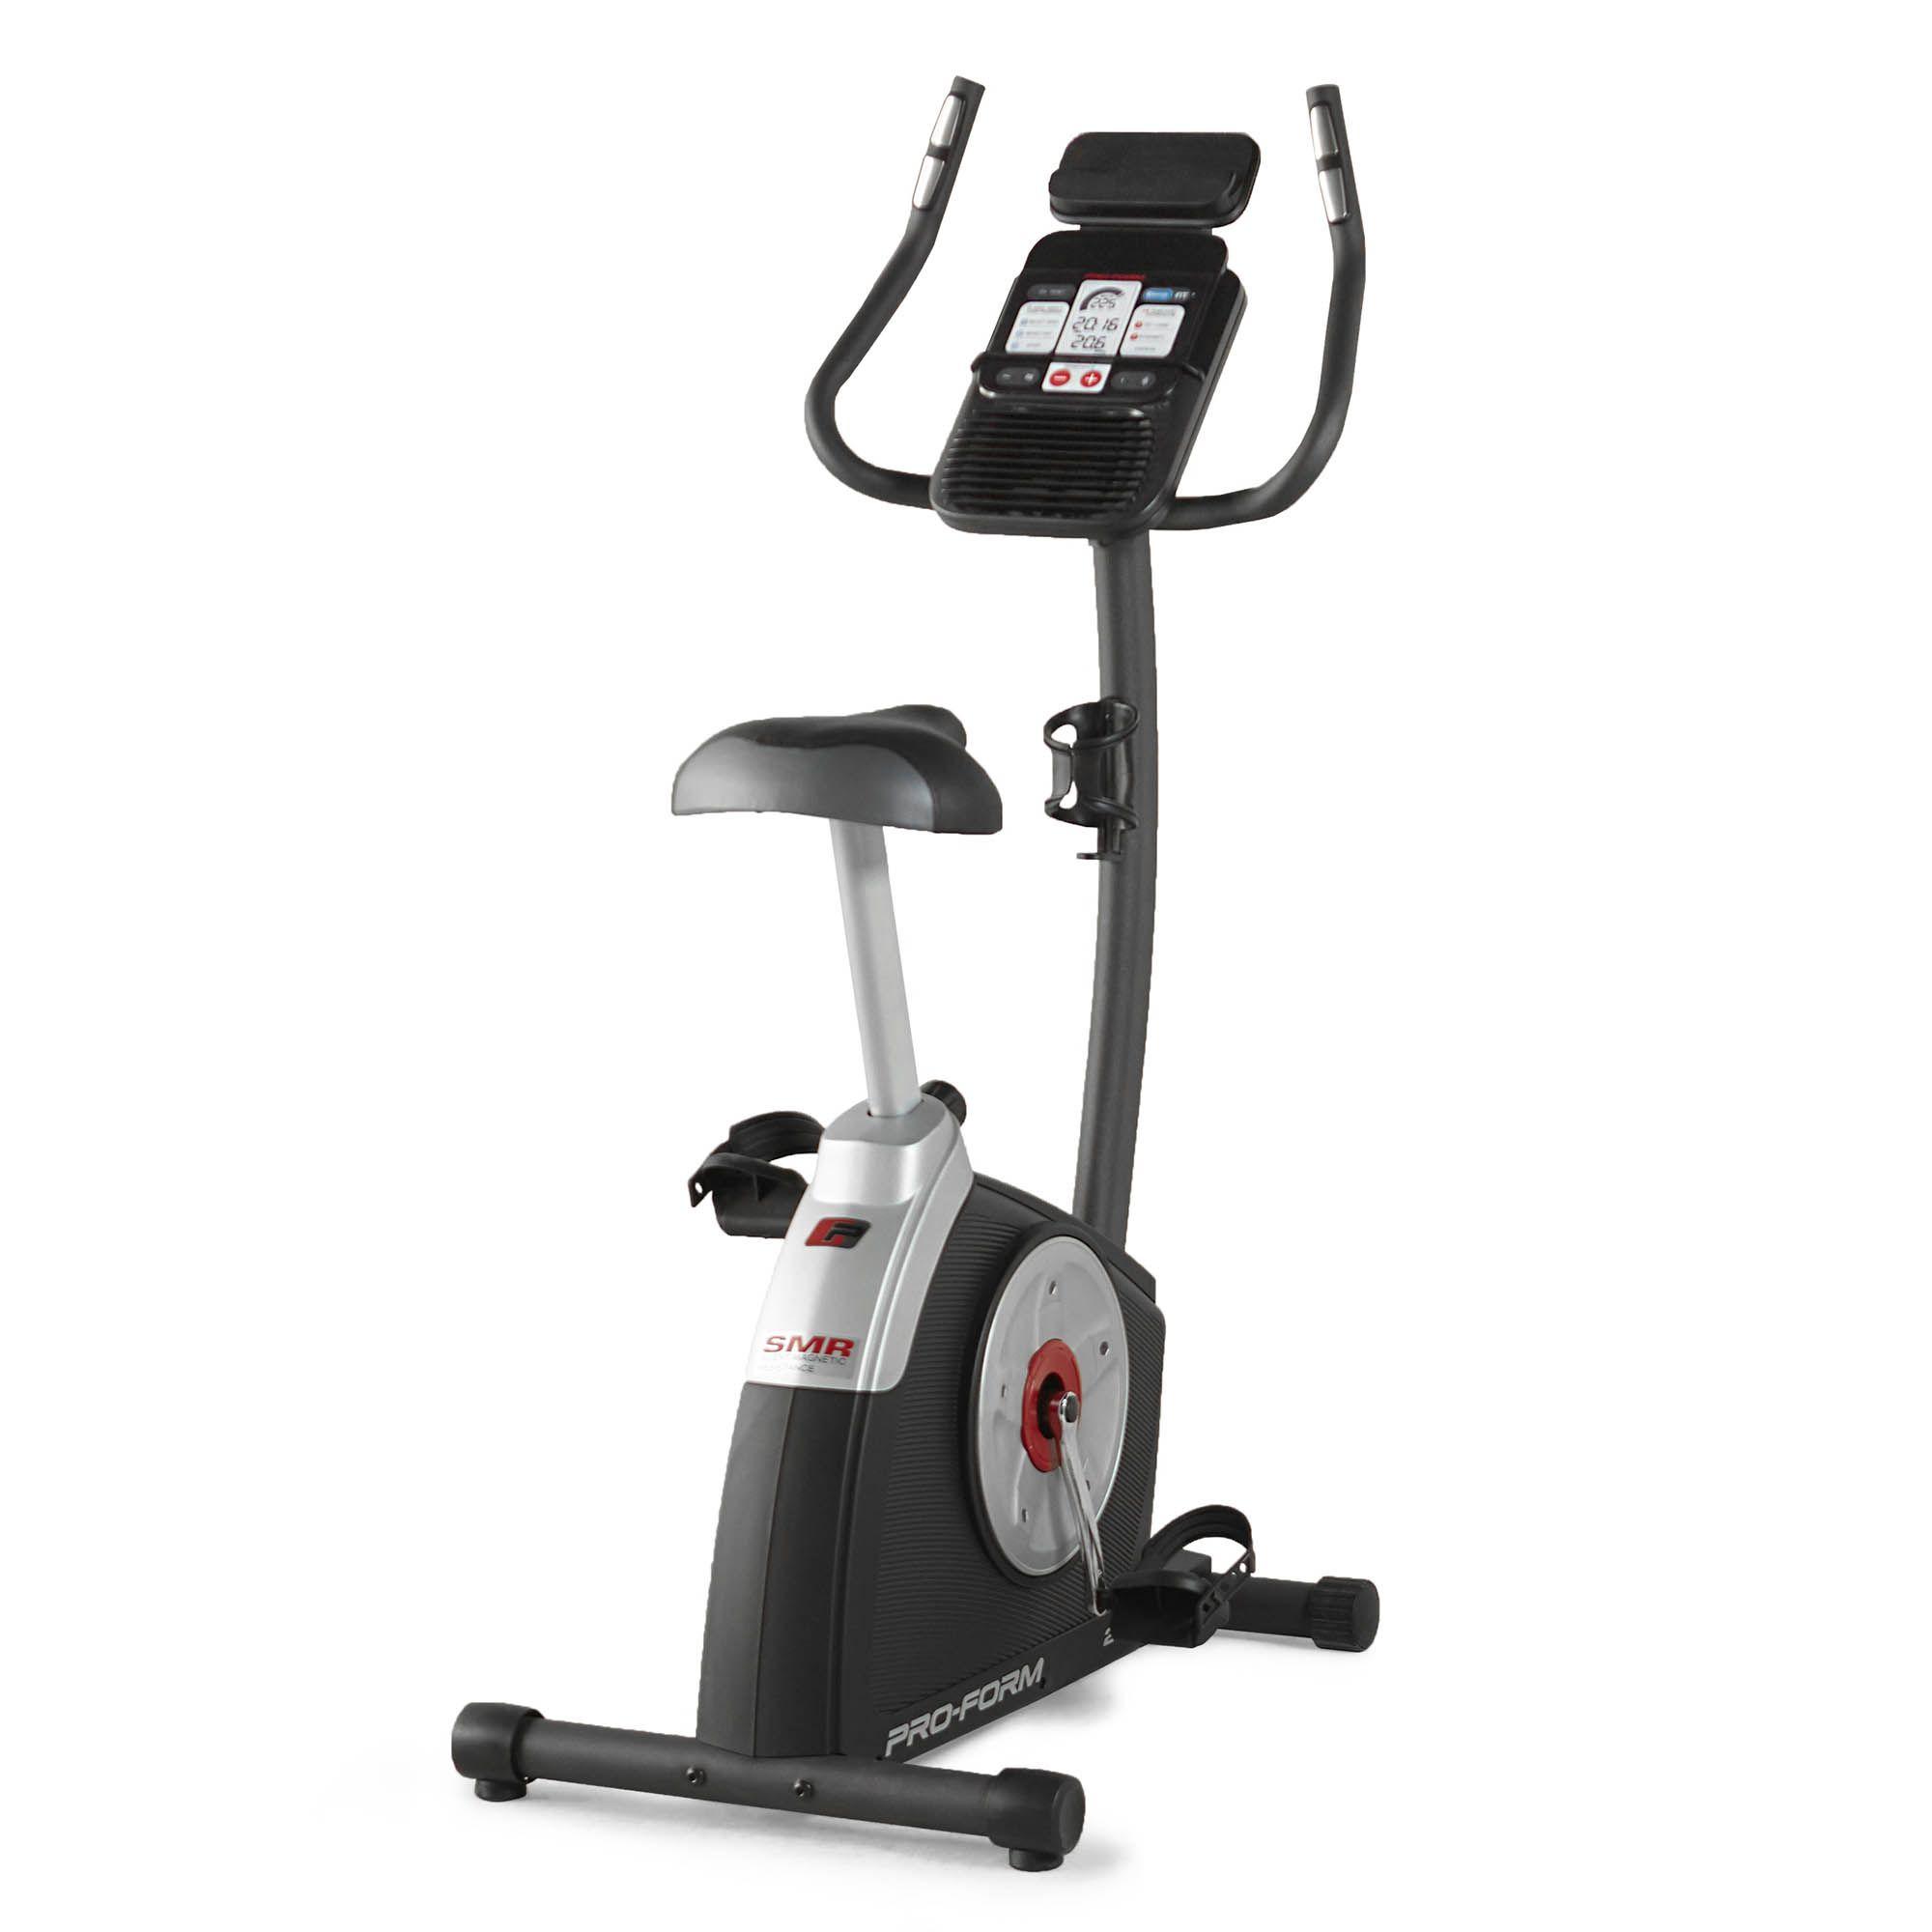 pro fitness exercise bike instruction manual